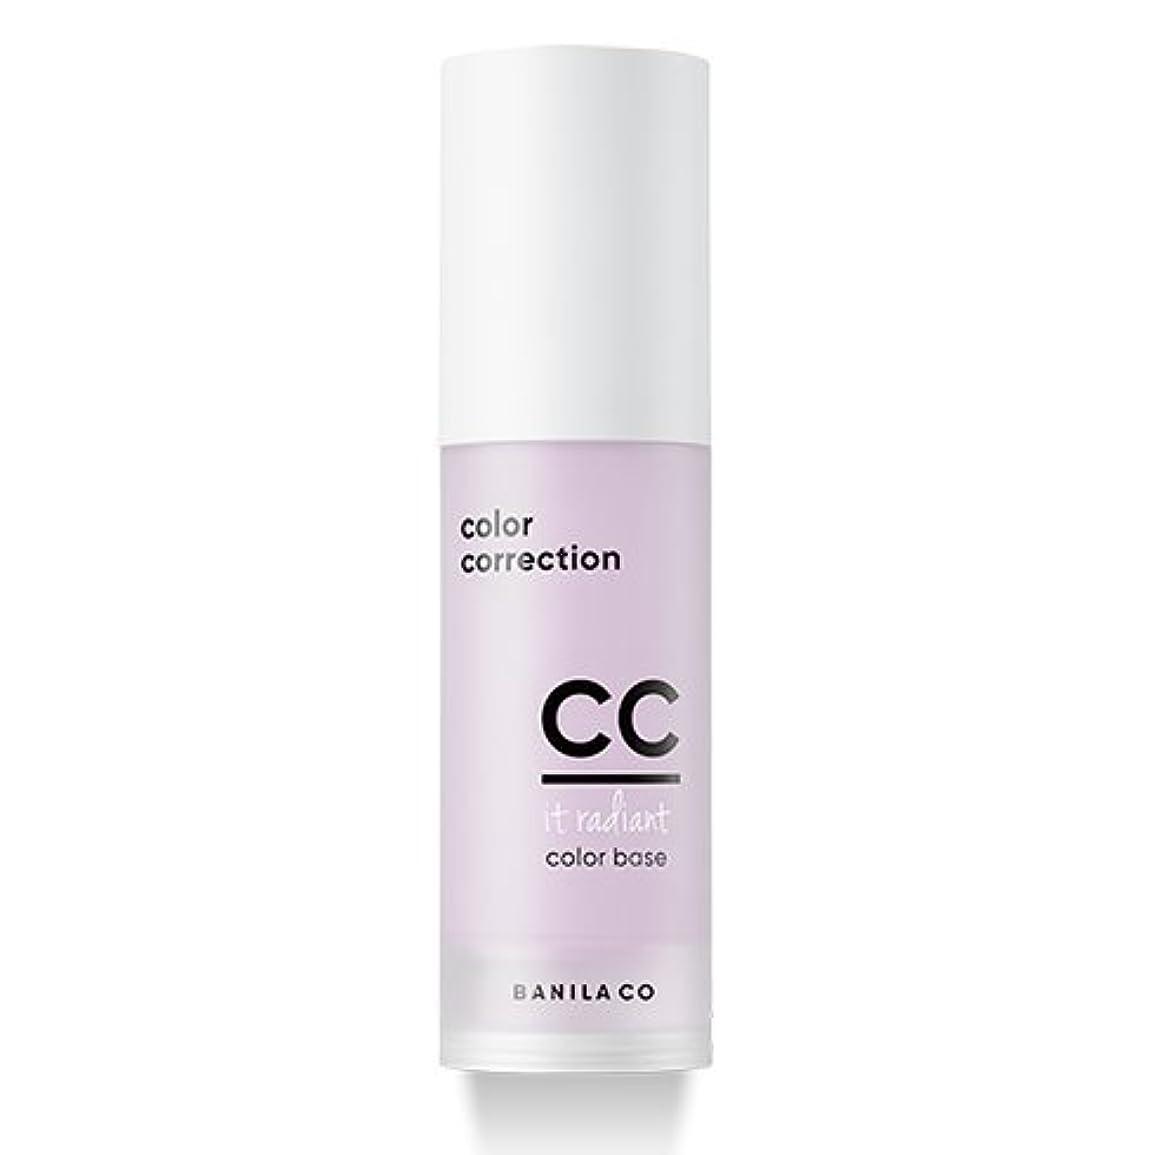 軌道困惑また明日ねBANILA CO It Radiant CC Color Base 30ml/バニラコ イット ラディアント CC カラー ベース 30ml (#Lavender) [並行輸入品]